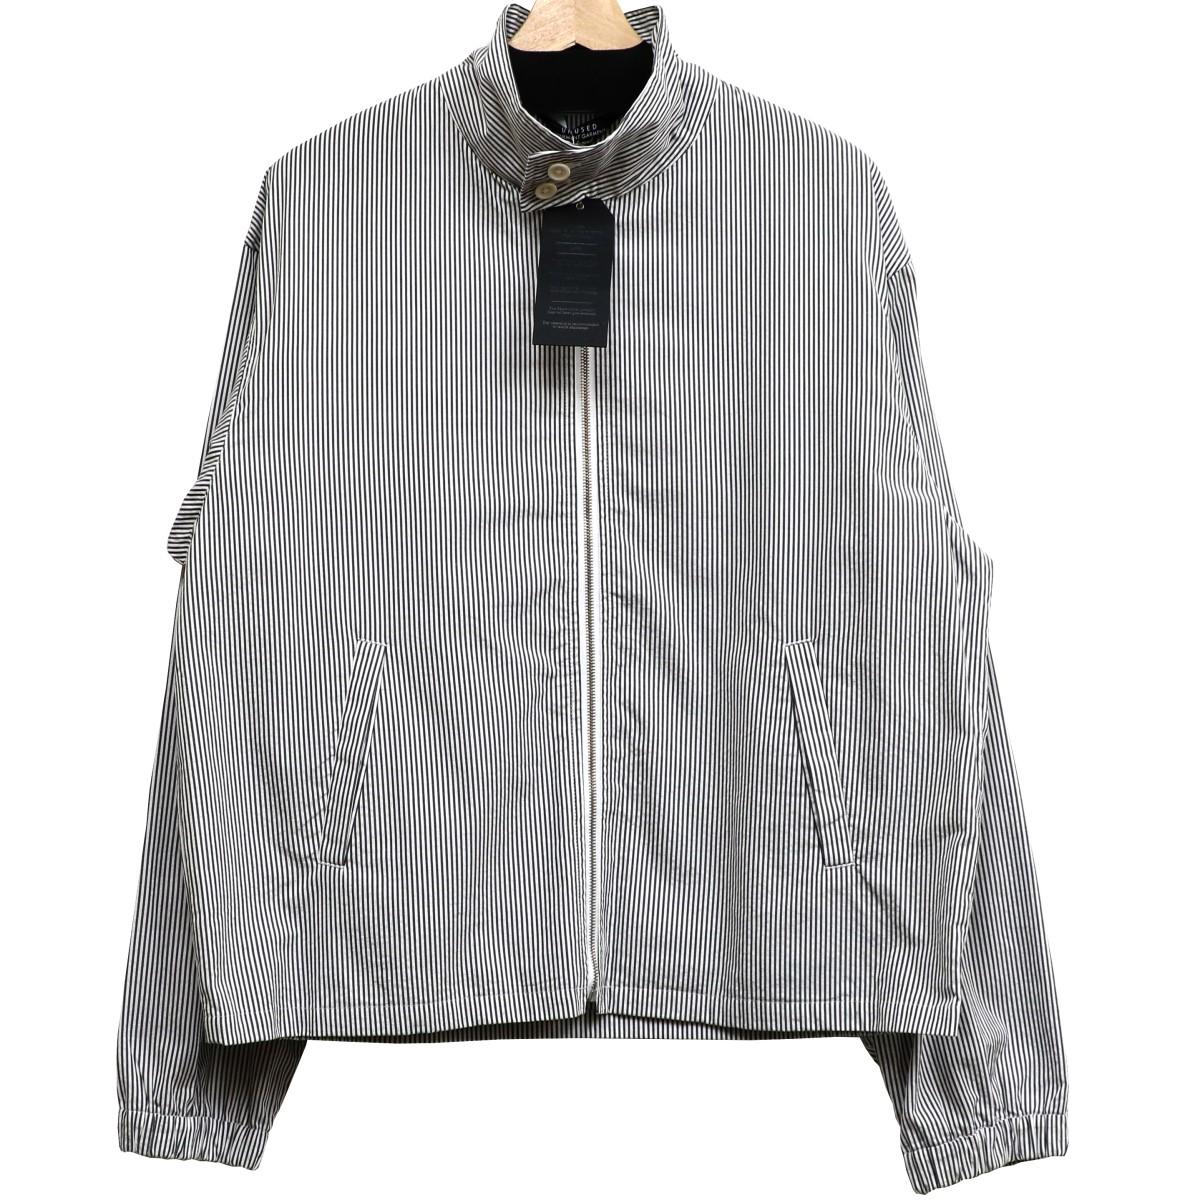 【中古】UNUSED 19SS Stripe Jacketストライプジャケット グレー サイズ:2 【010520】(アンユーズド)